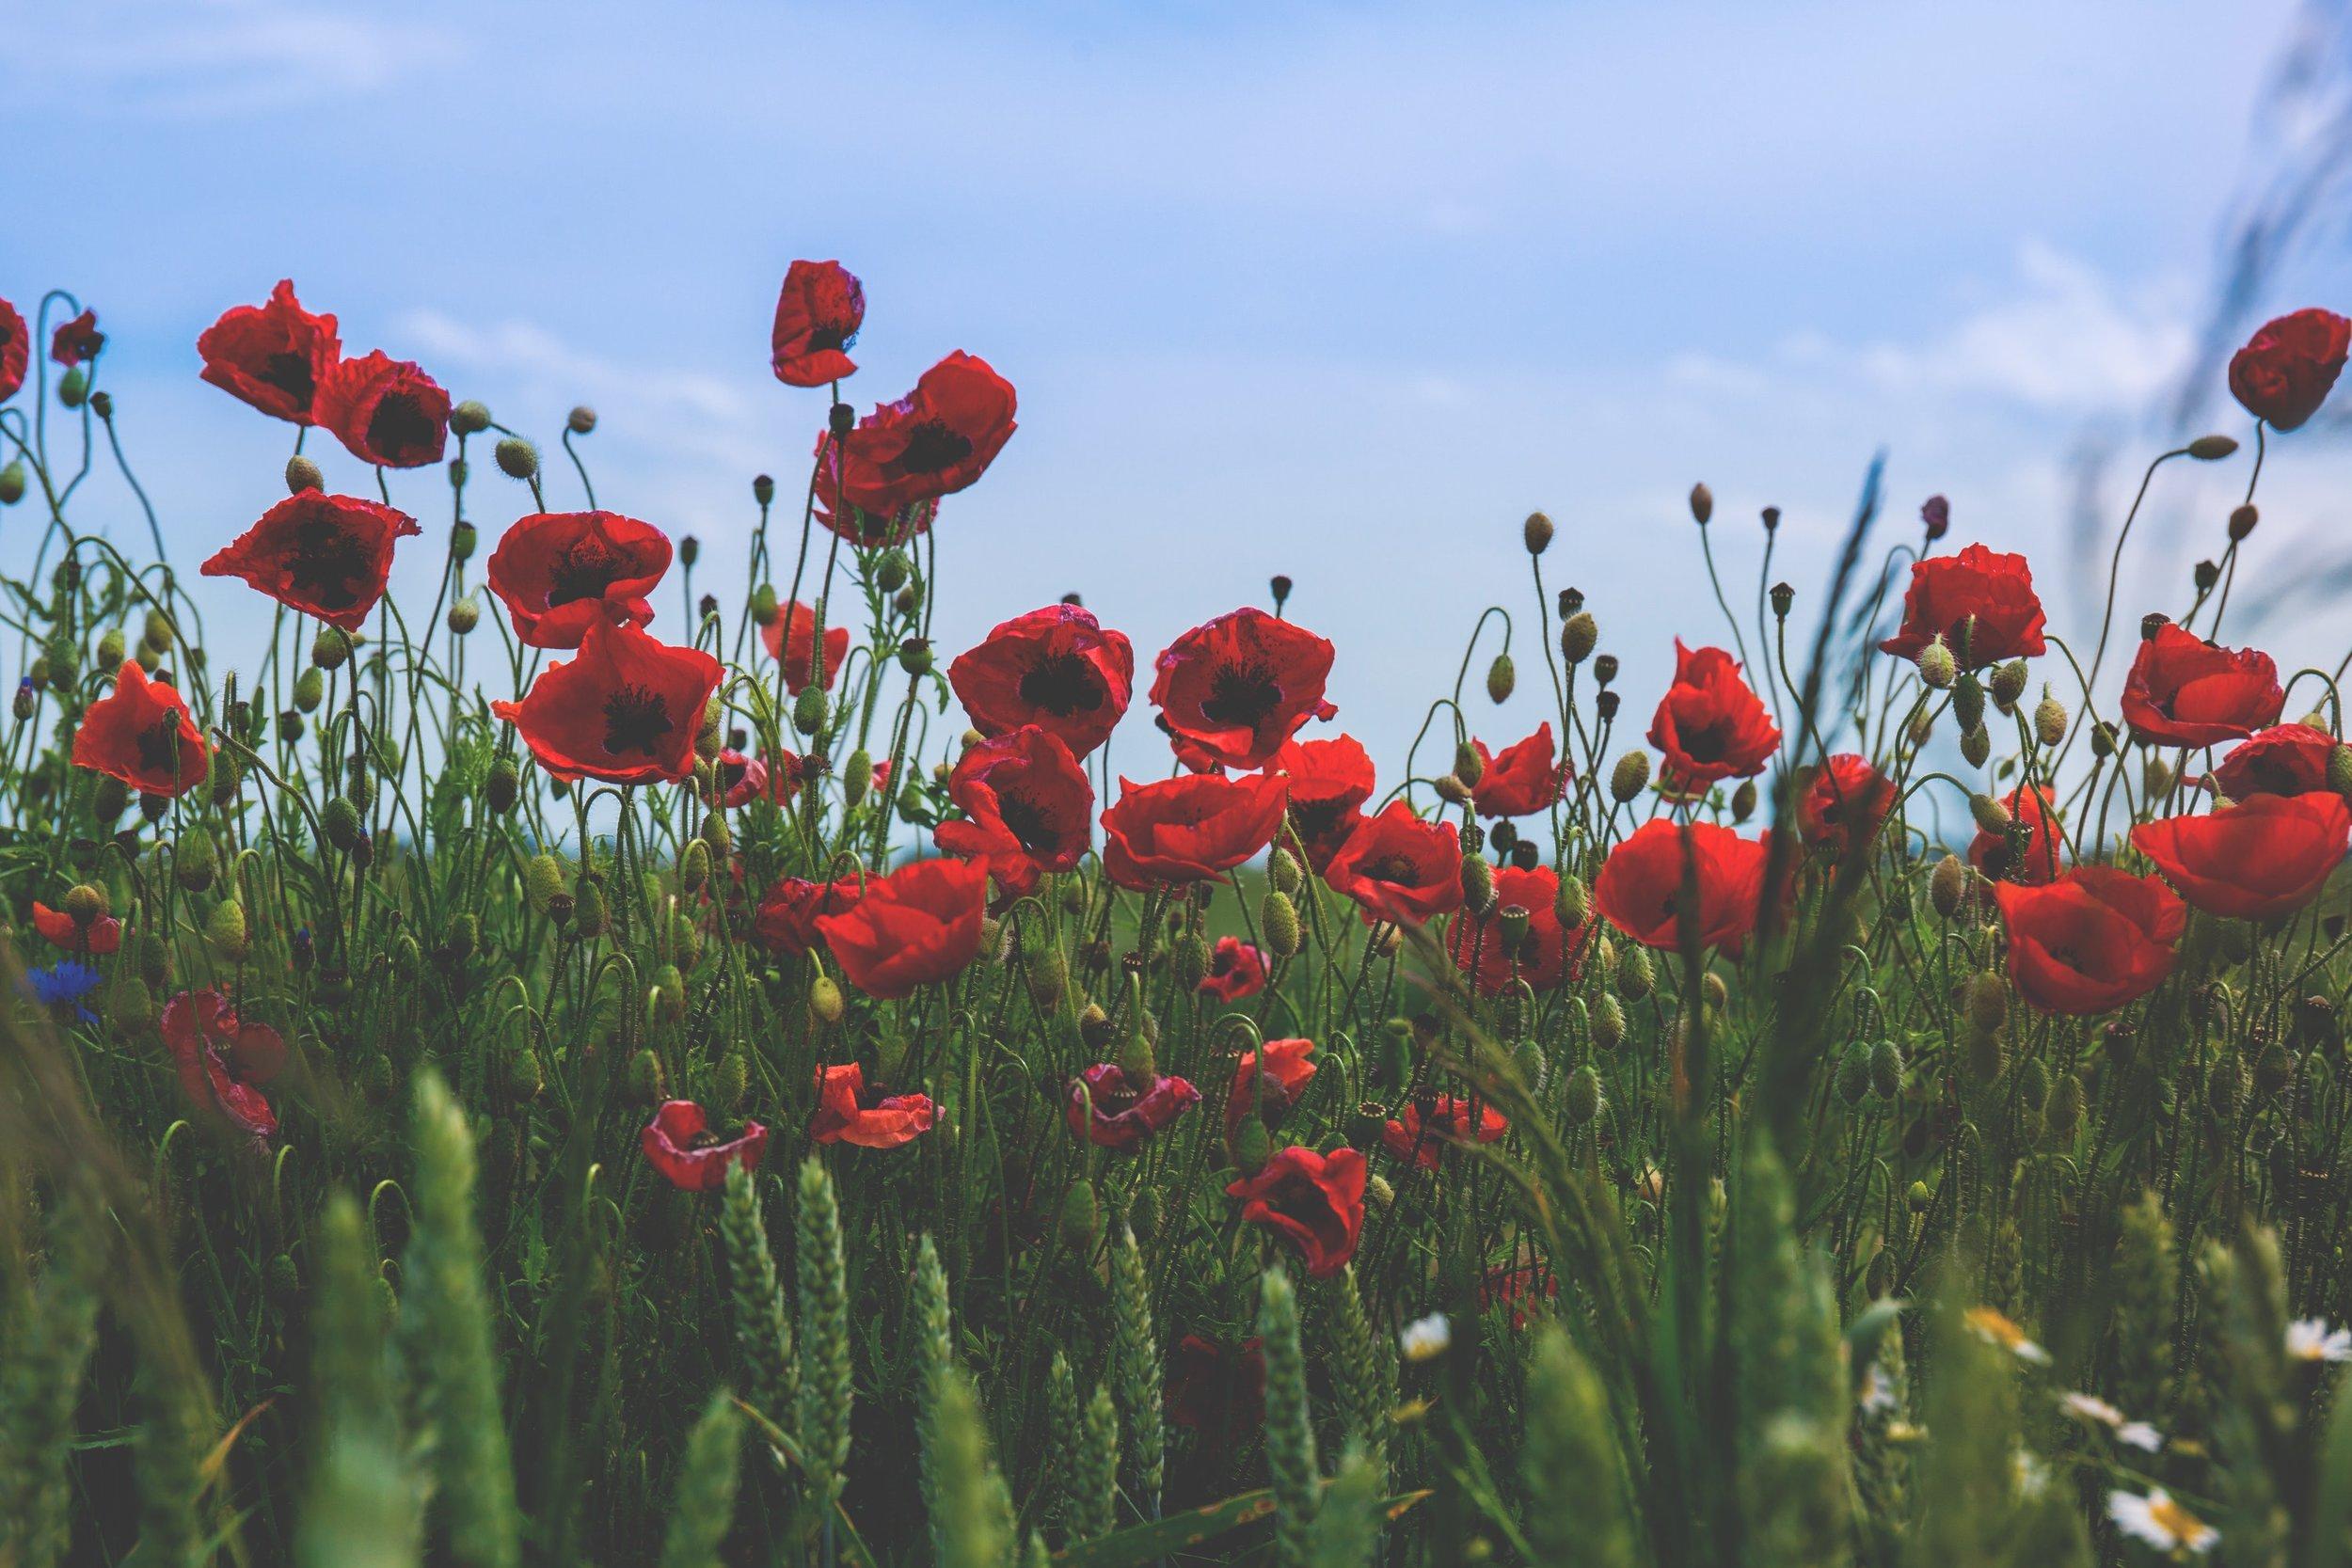 bloom-blossom-field-112764.jpg